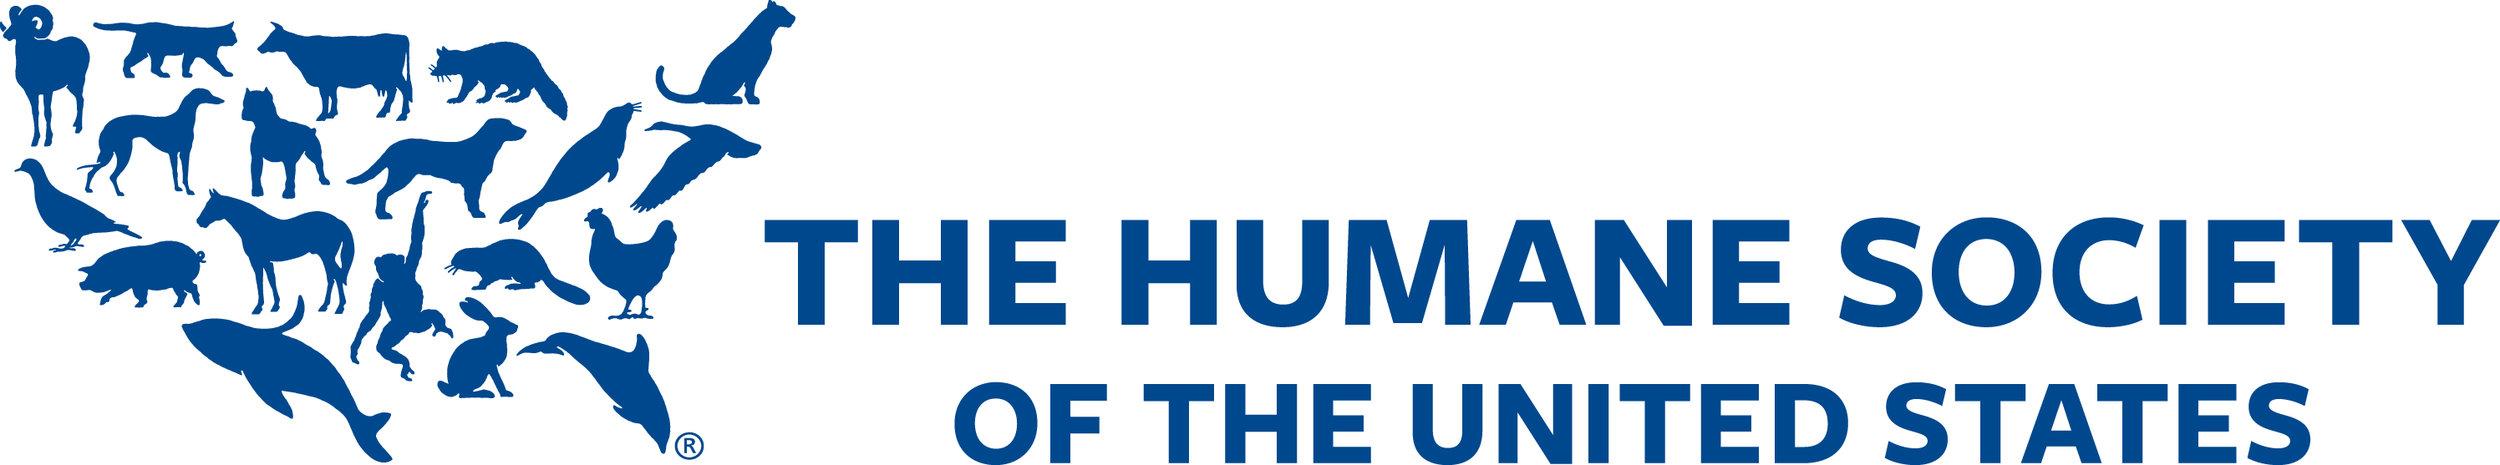 HSUS_Logo.jpg